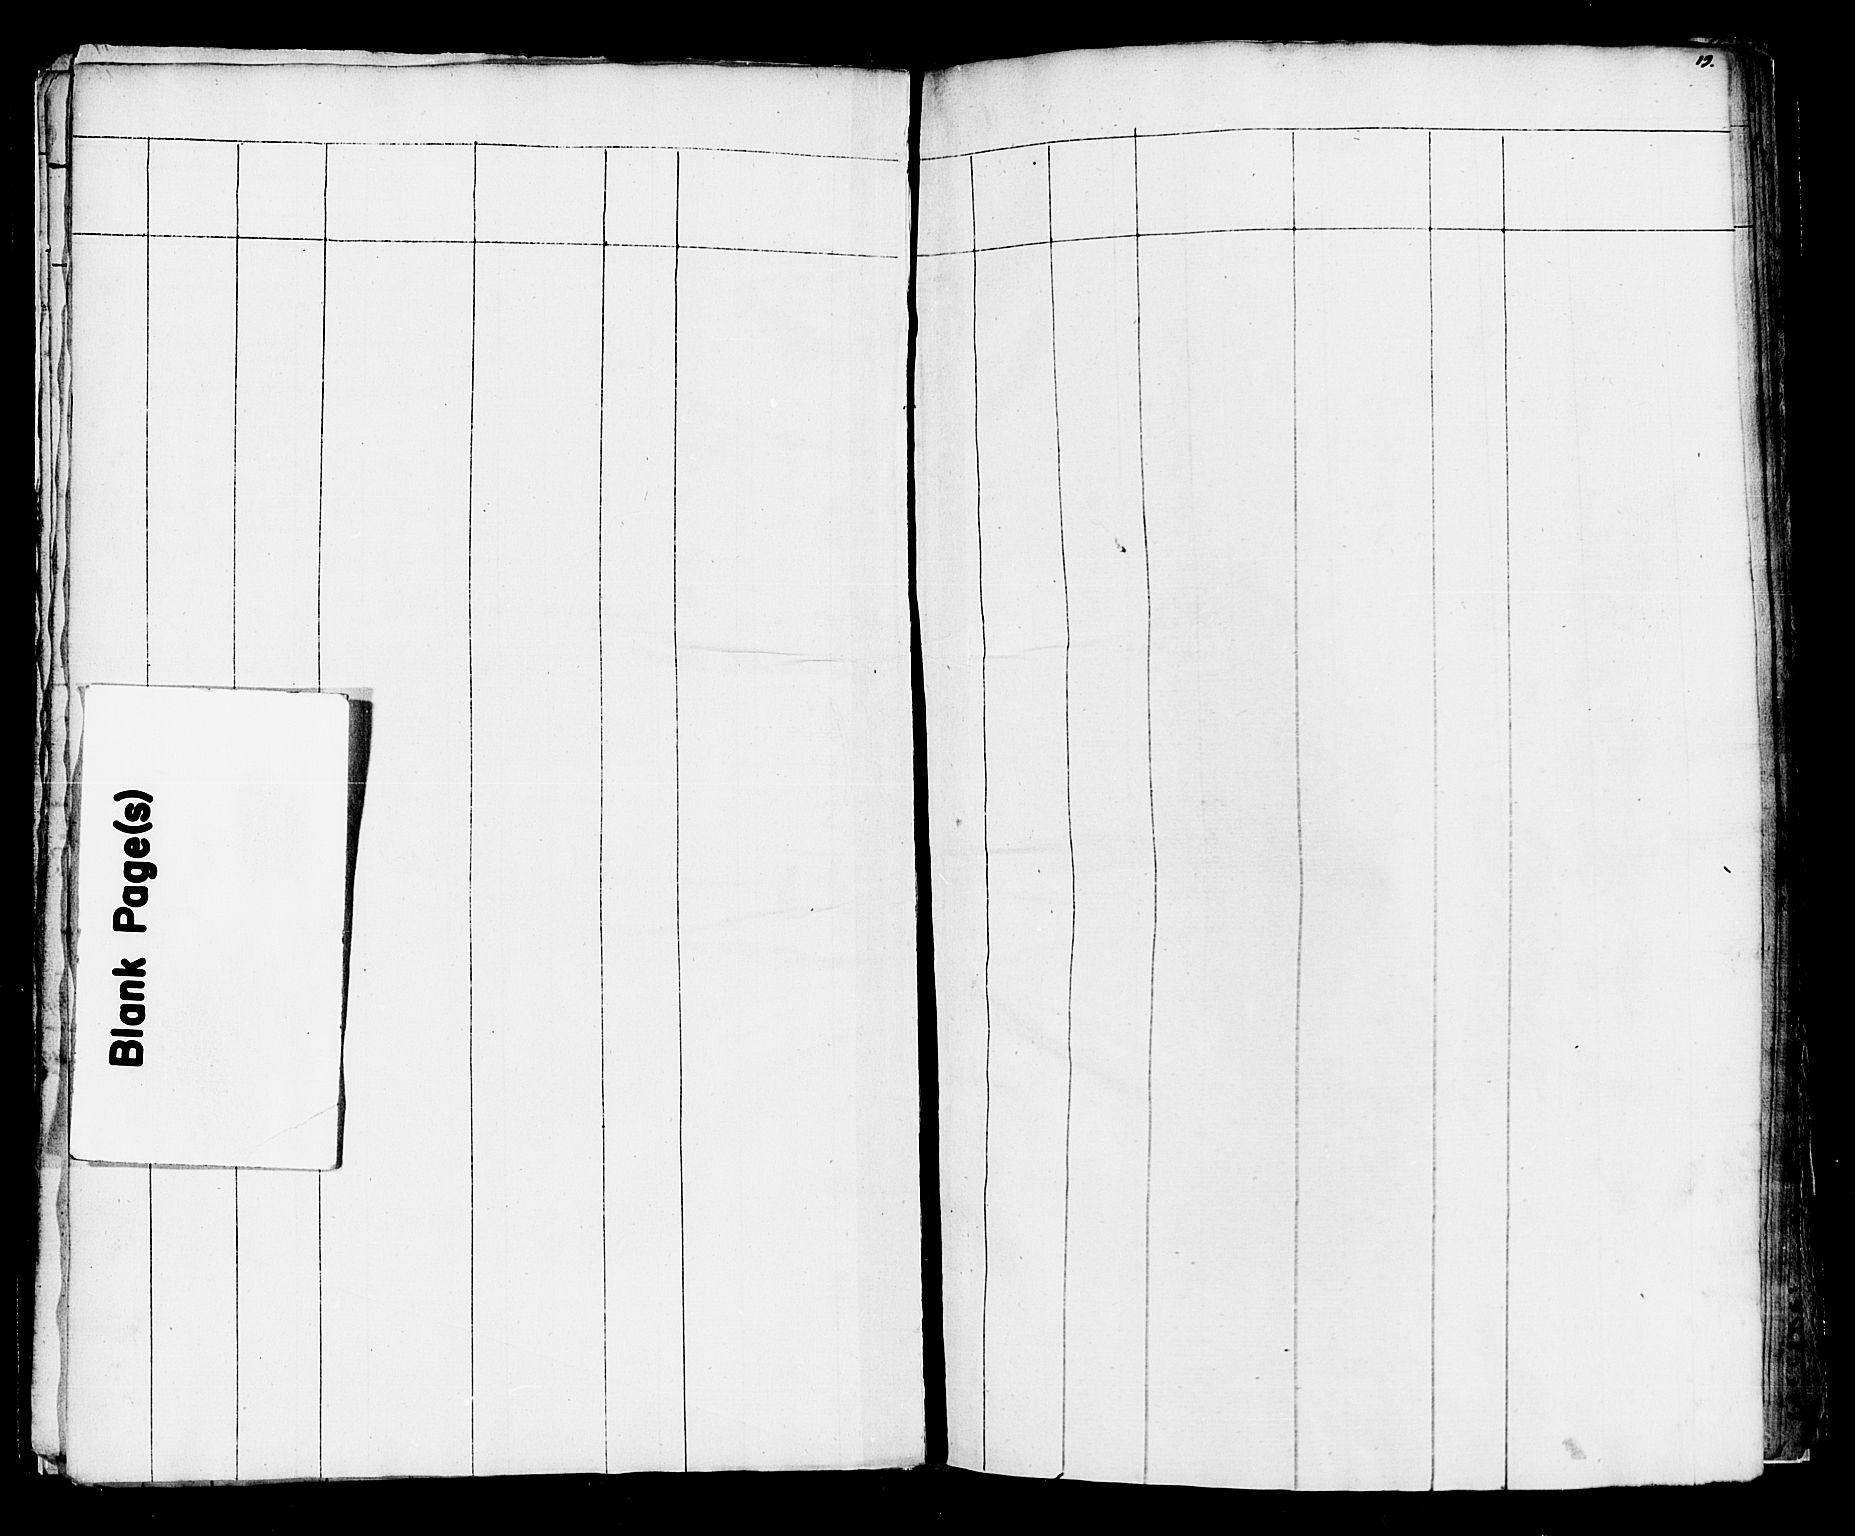 SAH, Vestre Toten prestekontor, Ministerialbok nr. 1, 1825-1826, s. 19